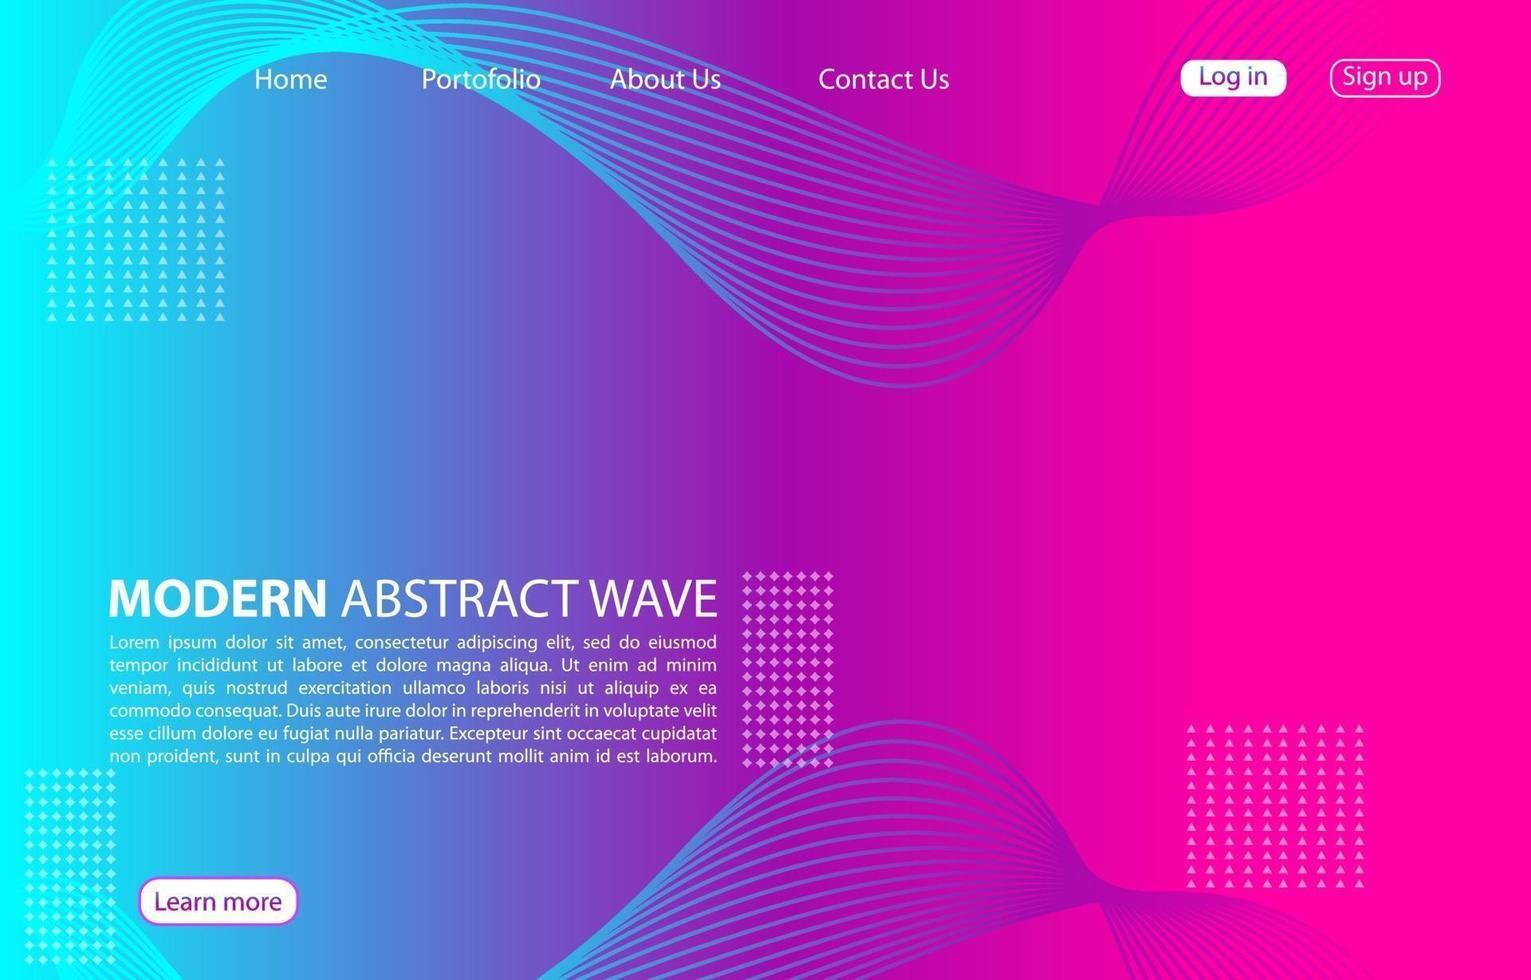 färgglad modern abstrakt vågbakgrund. landningssida abstrakt vågdesign. lila färgbakgrund. vektor